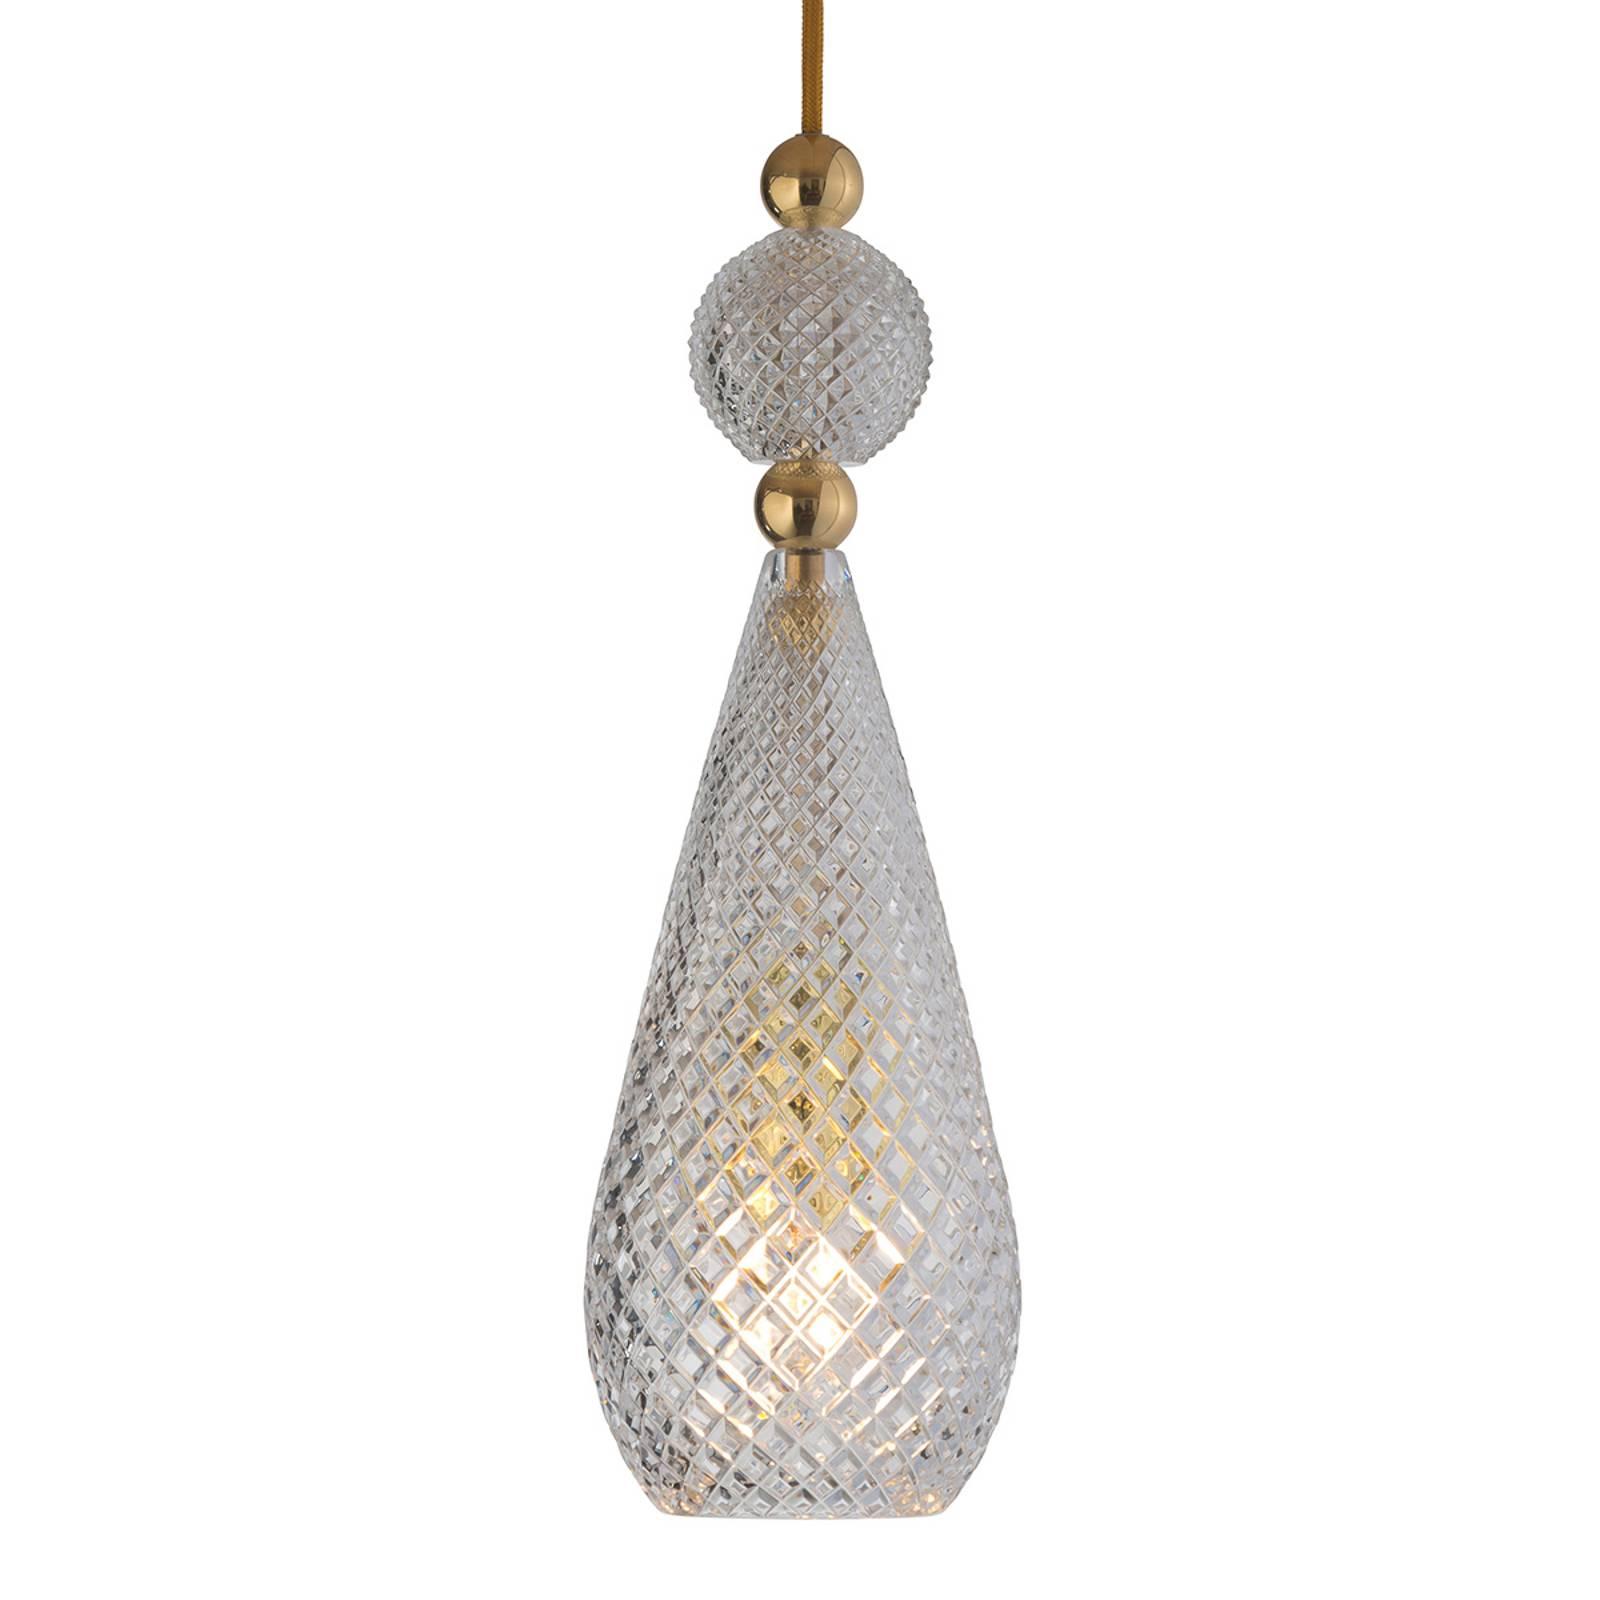 EBB & FLOW Smykke lampa wisząca złota, kryształowa